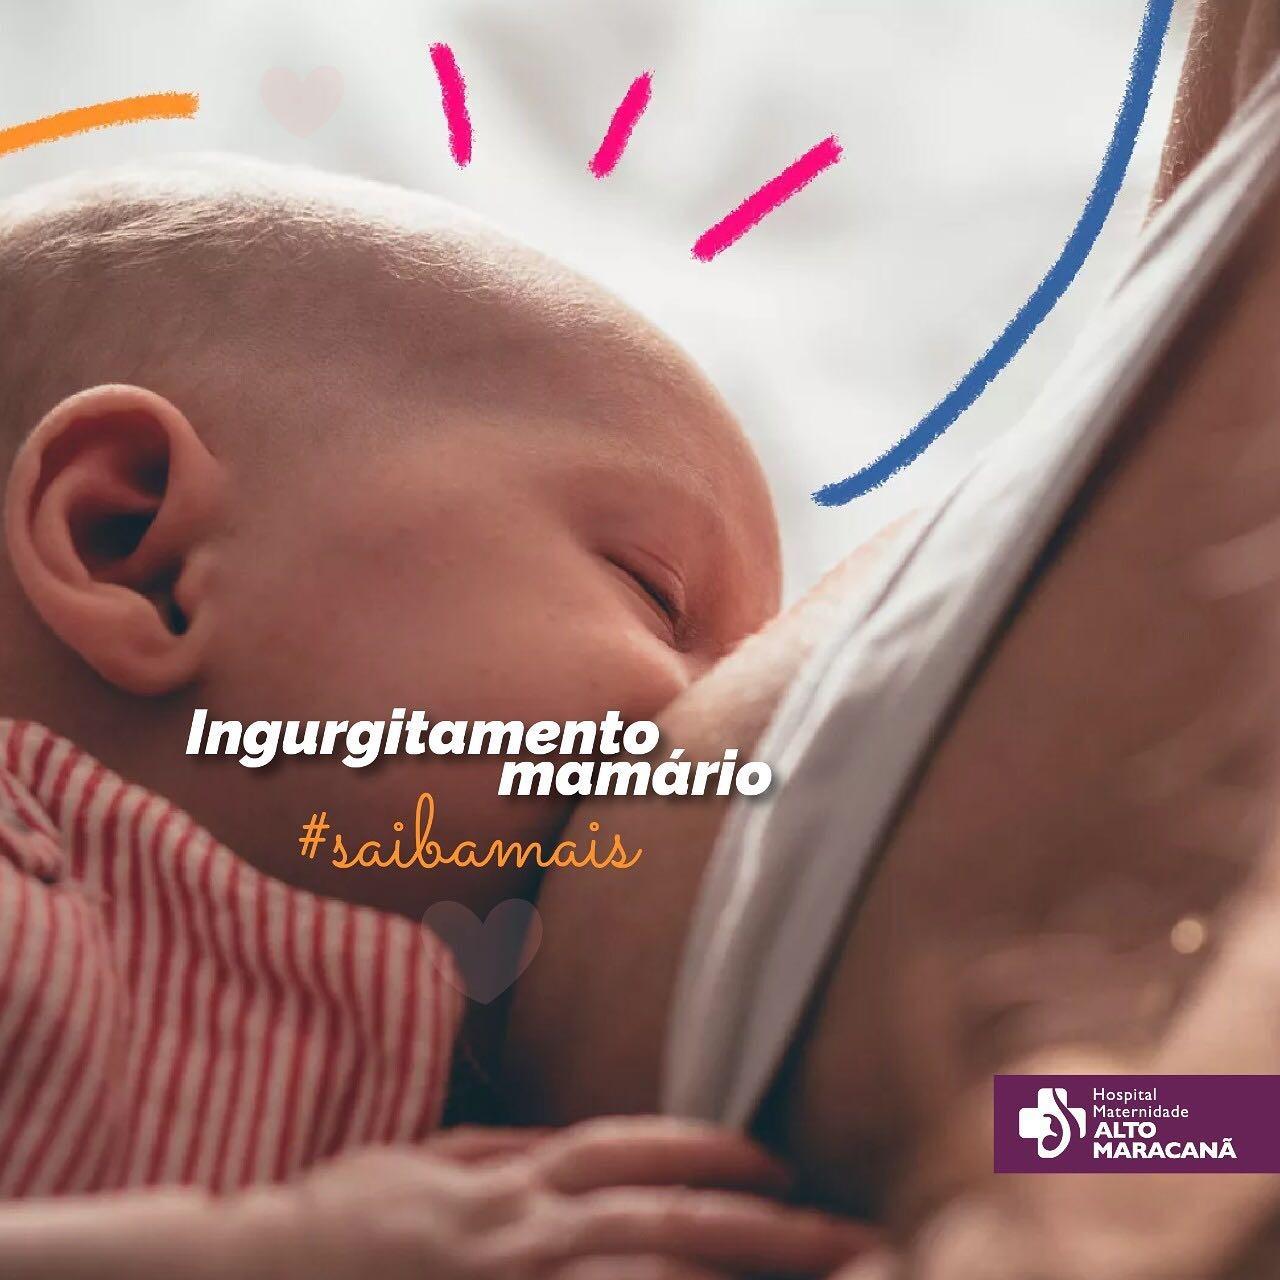 Ingurgitamento Mamário: O Que É?